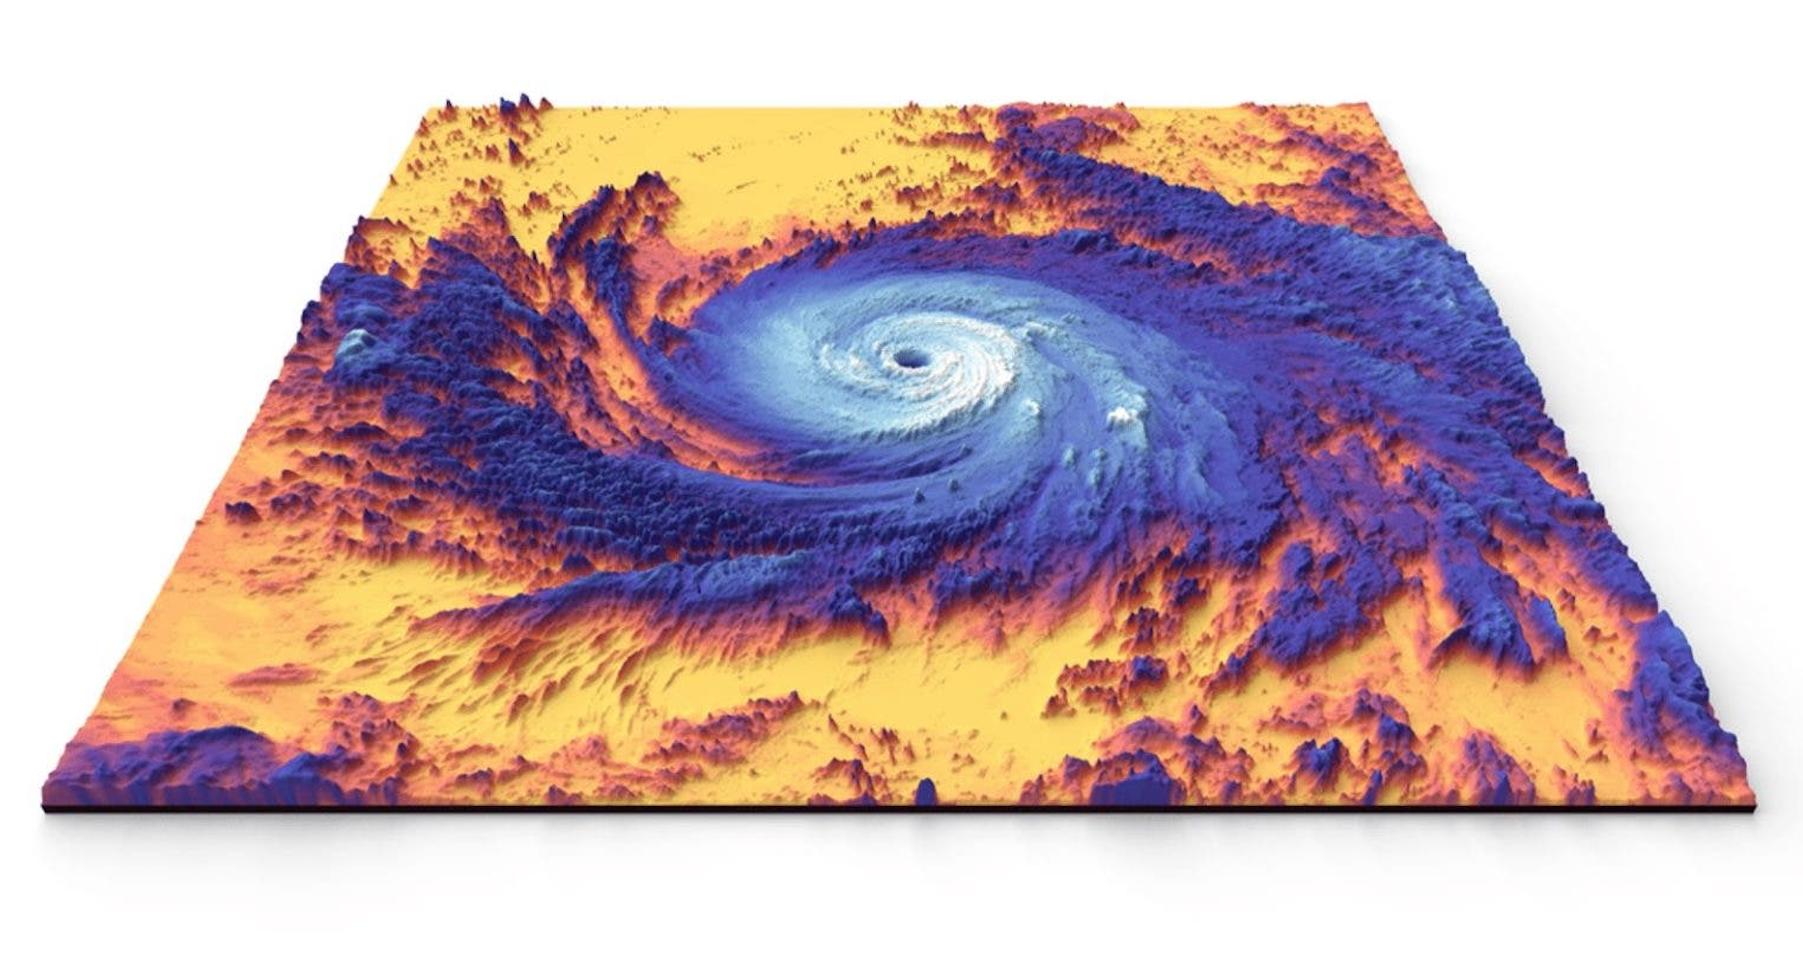 Nuevo observatorio de la NASA apoyará a la lucha contra el cambio climático